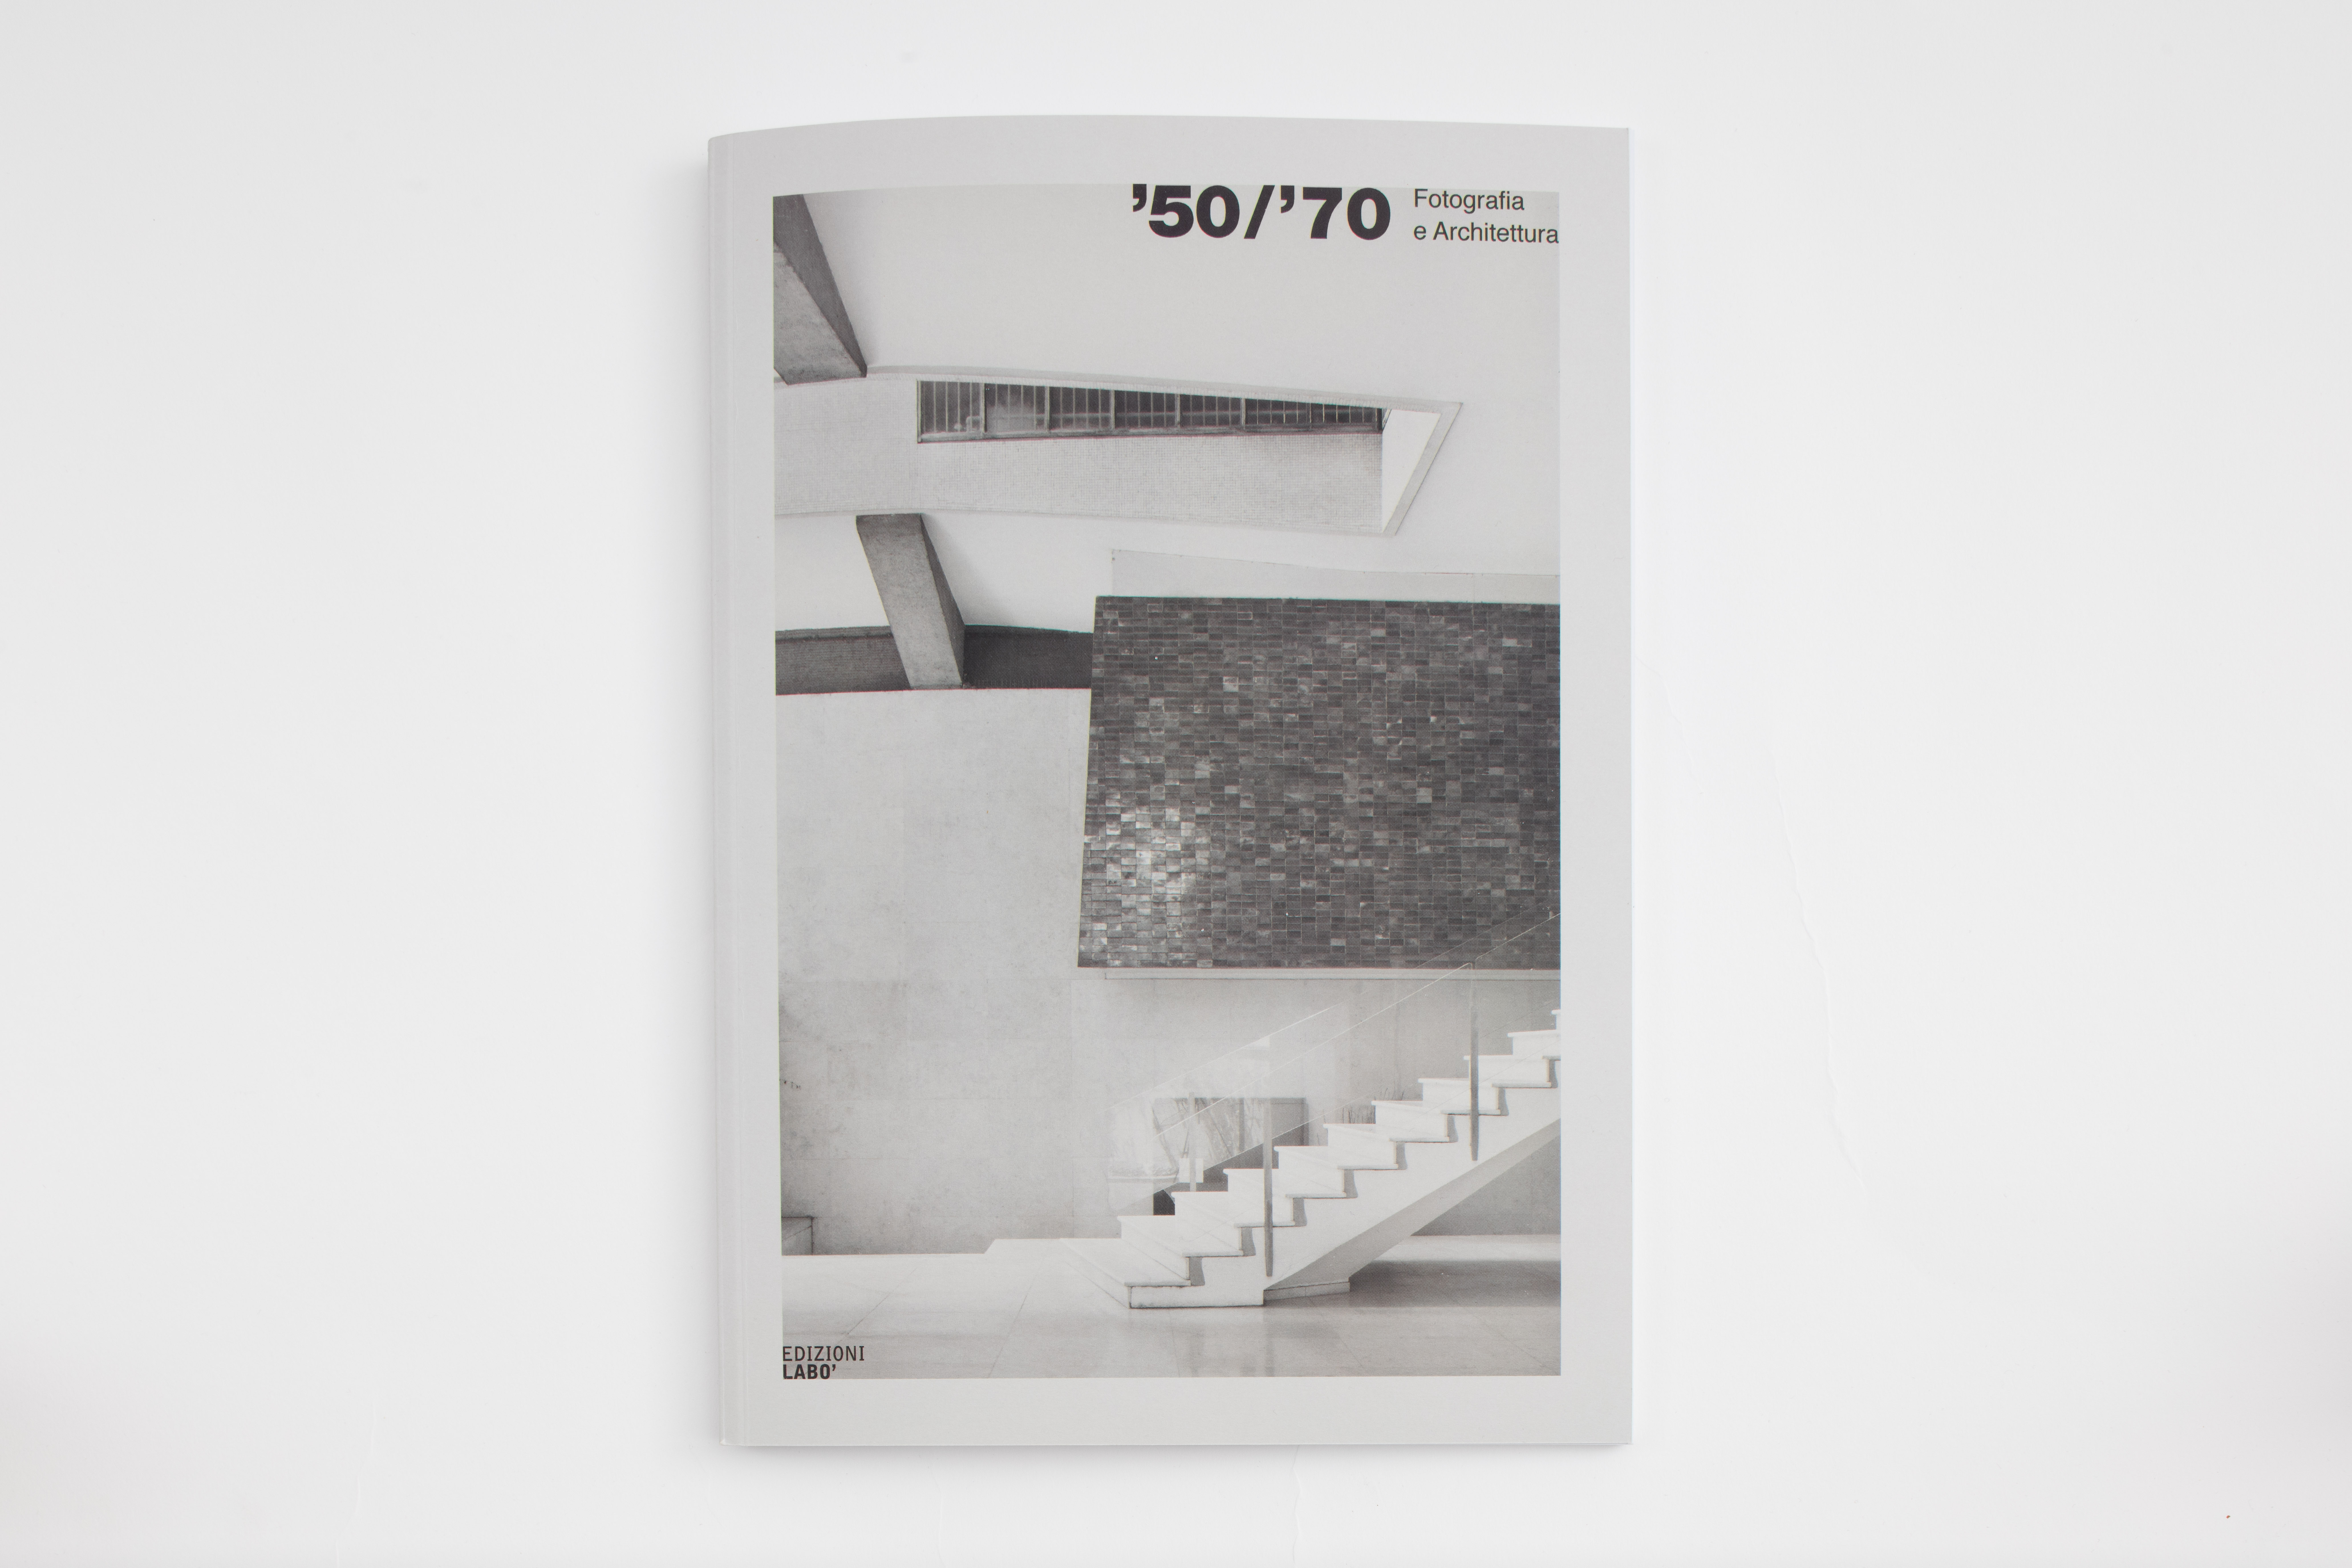 '50/70 Fotografia architettura', edizioni Labò, Bologna, 2017